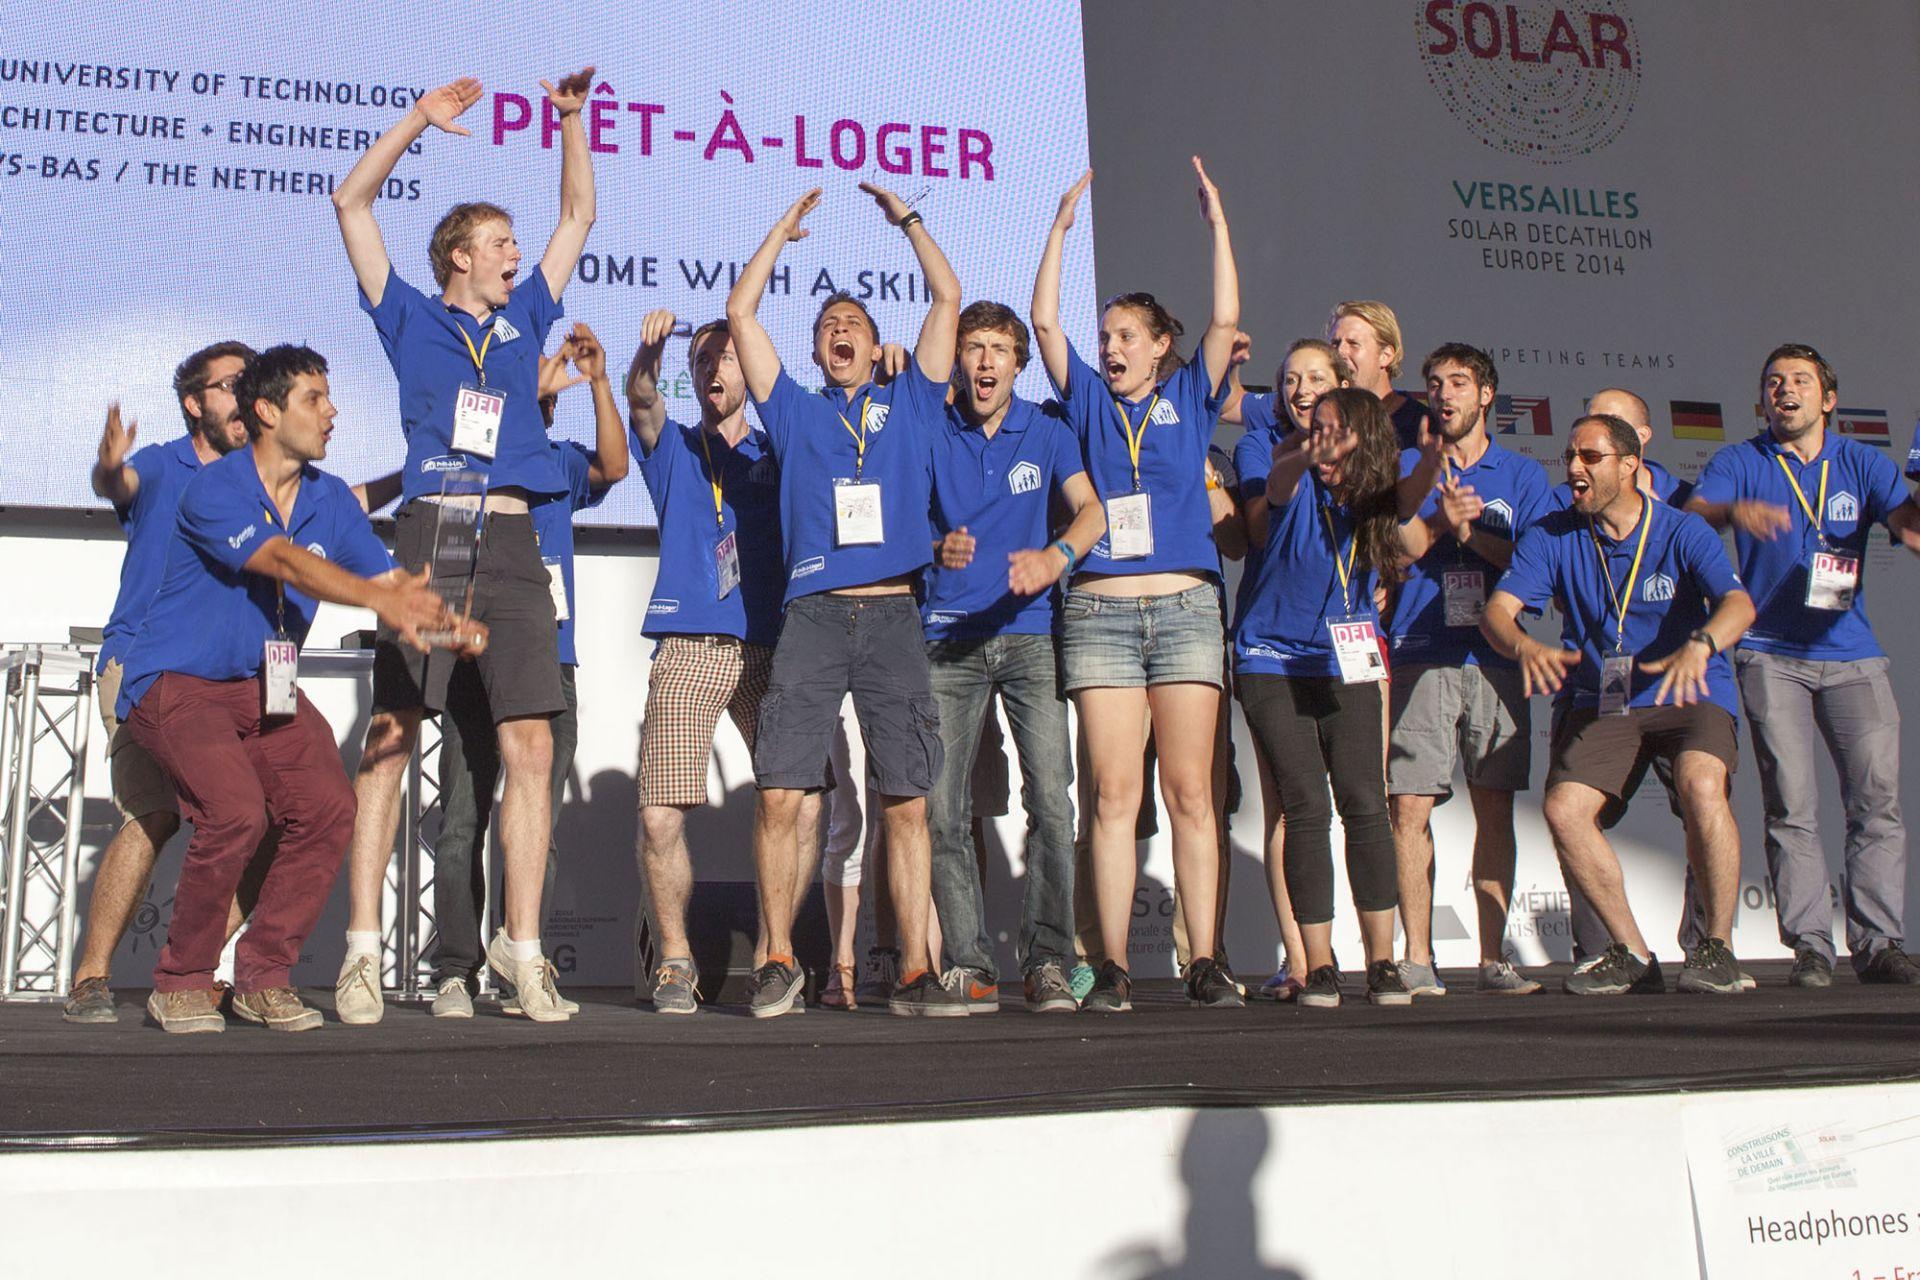 abf1e95a4 Solar Decathlon Europe